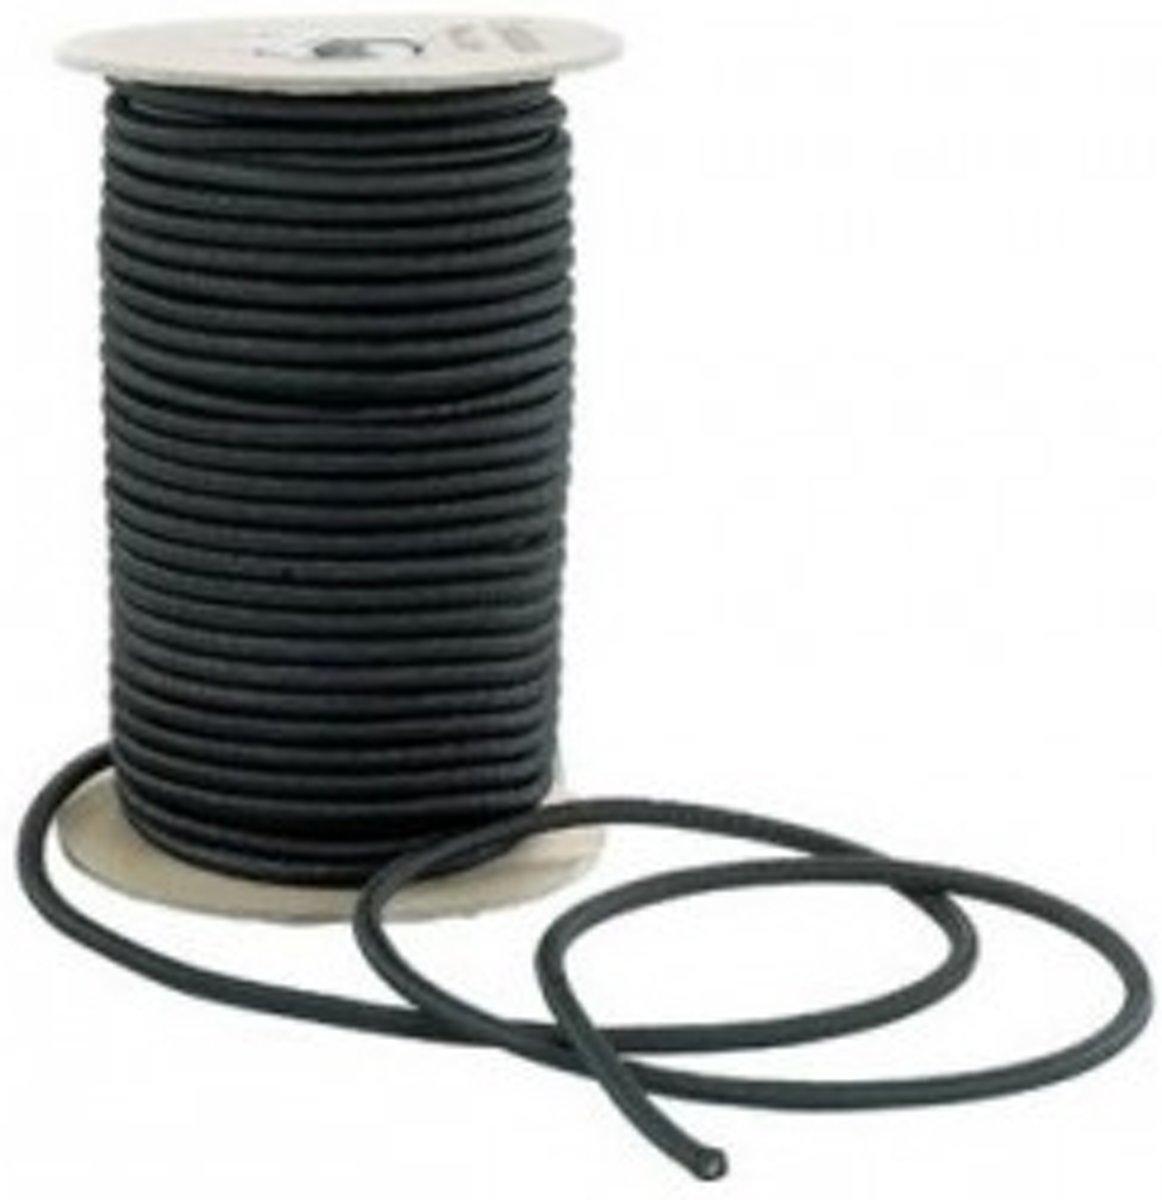 50 meter Elastisch Touw - 8mm - ZWART - elastiek op rol kopen